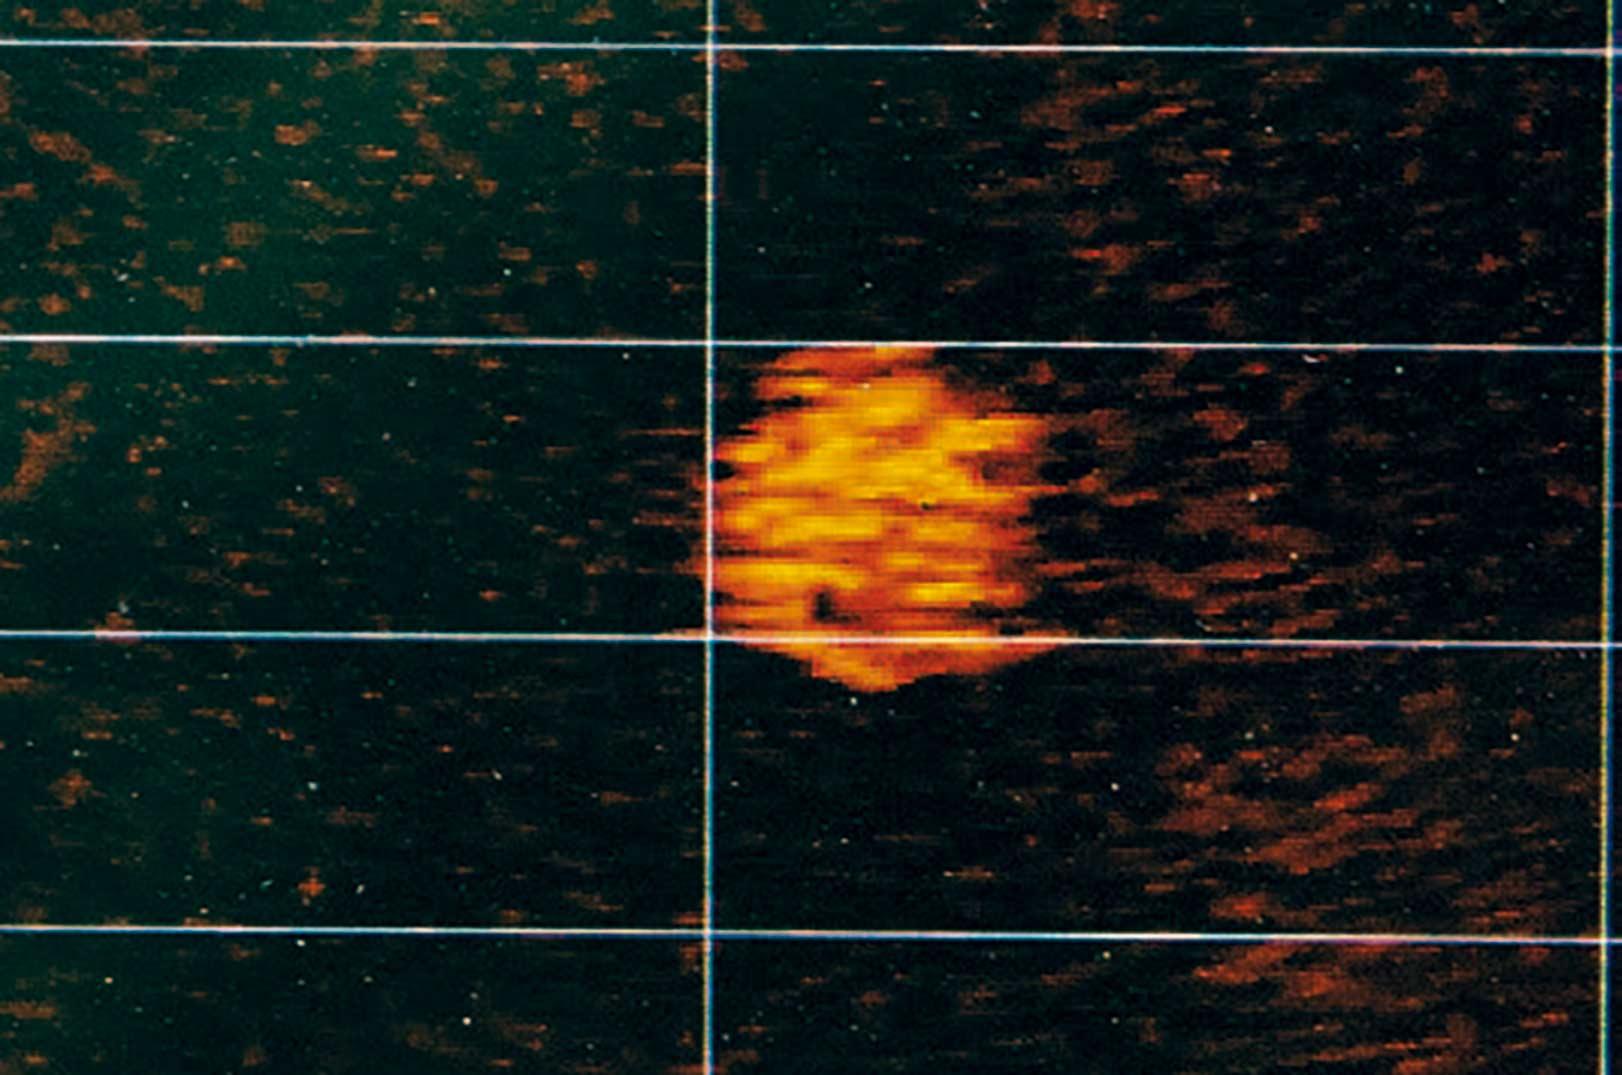 Når en stime føler sig truet af rovfisk i nærheden, stimler de tæt sammen i en kugle - som du kan se her vist med LiveScope.